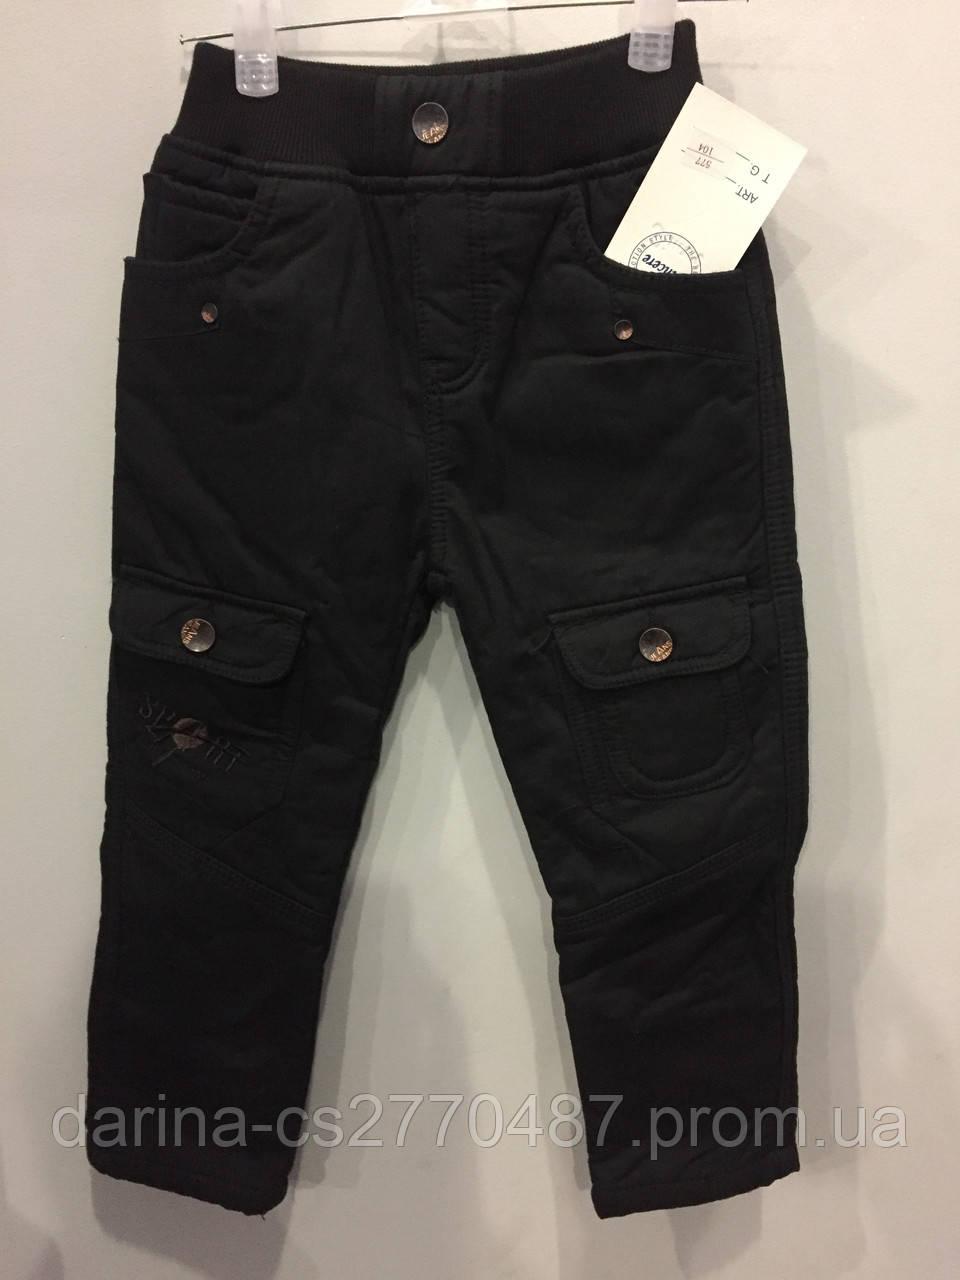 Теплые коттоновые брюки для мальчика 104 см